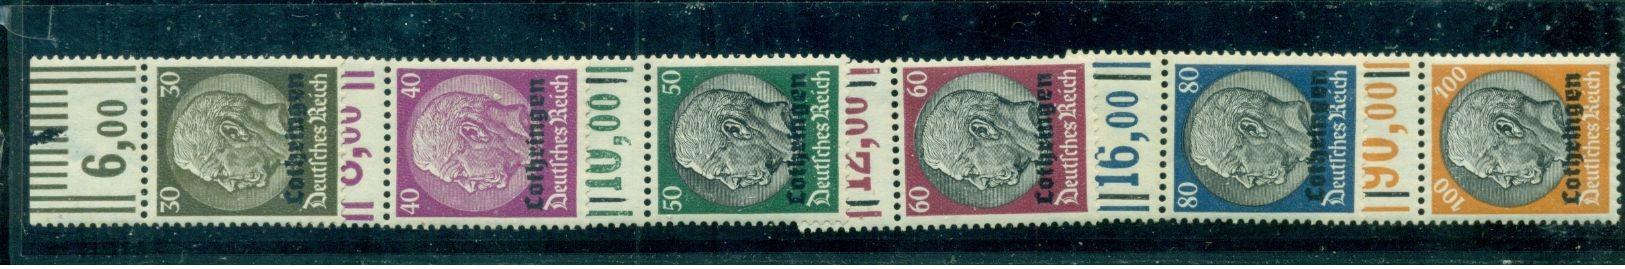 Lothringen Auf Hindenburg, Nr 1 - 16 Postfrisch ** - Besetzungen 1938-45